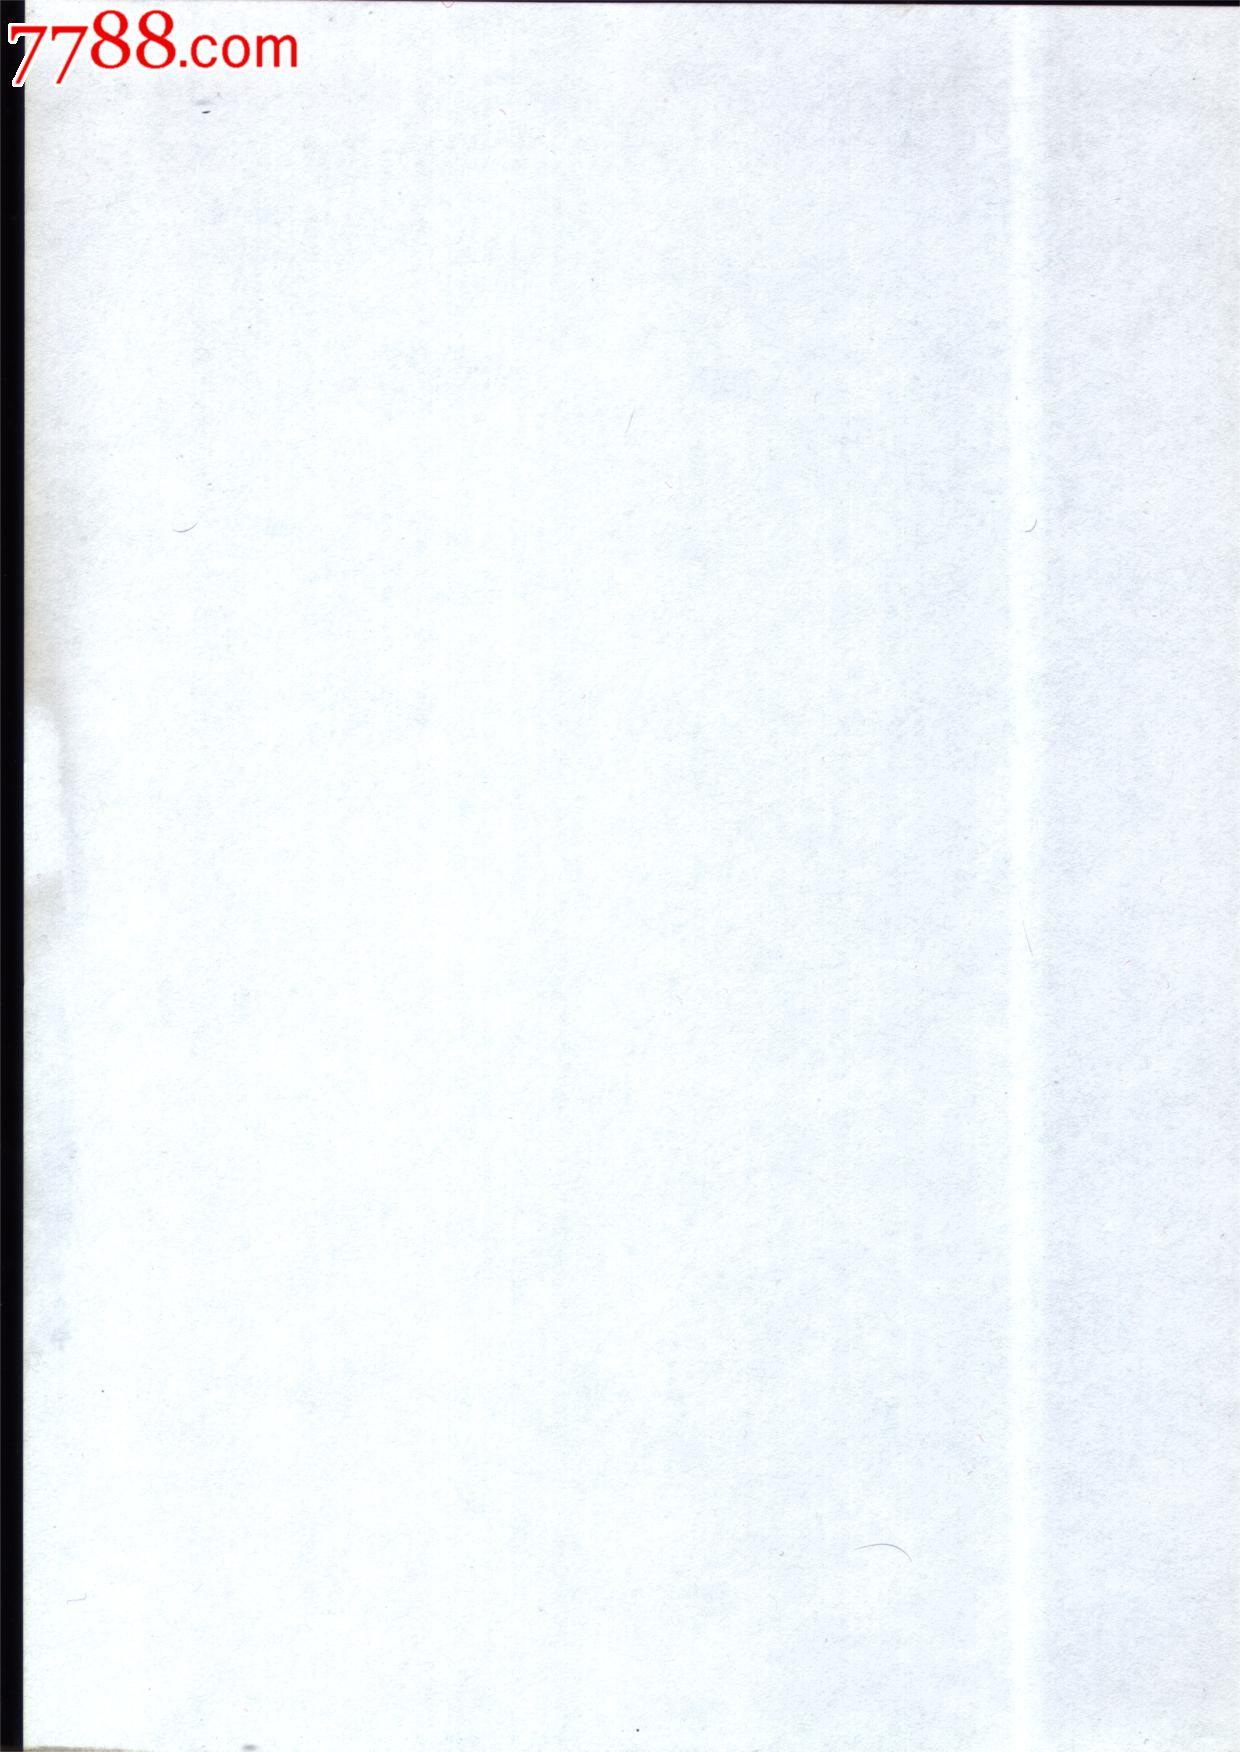 a4纸竖版背景素材简约